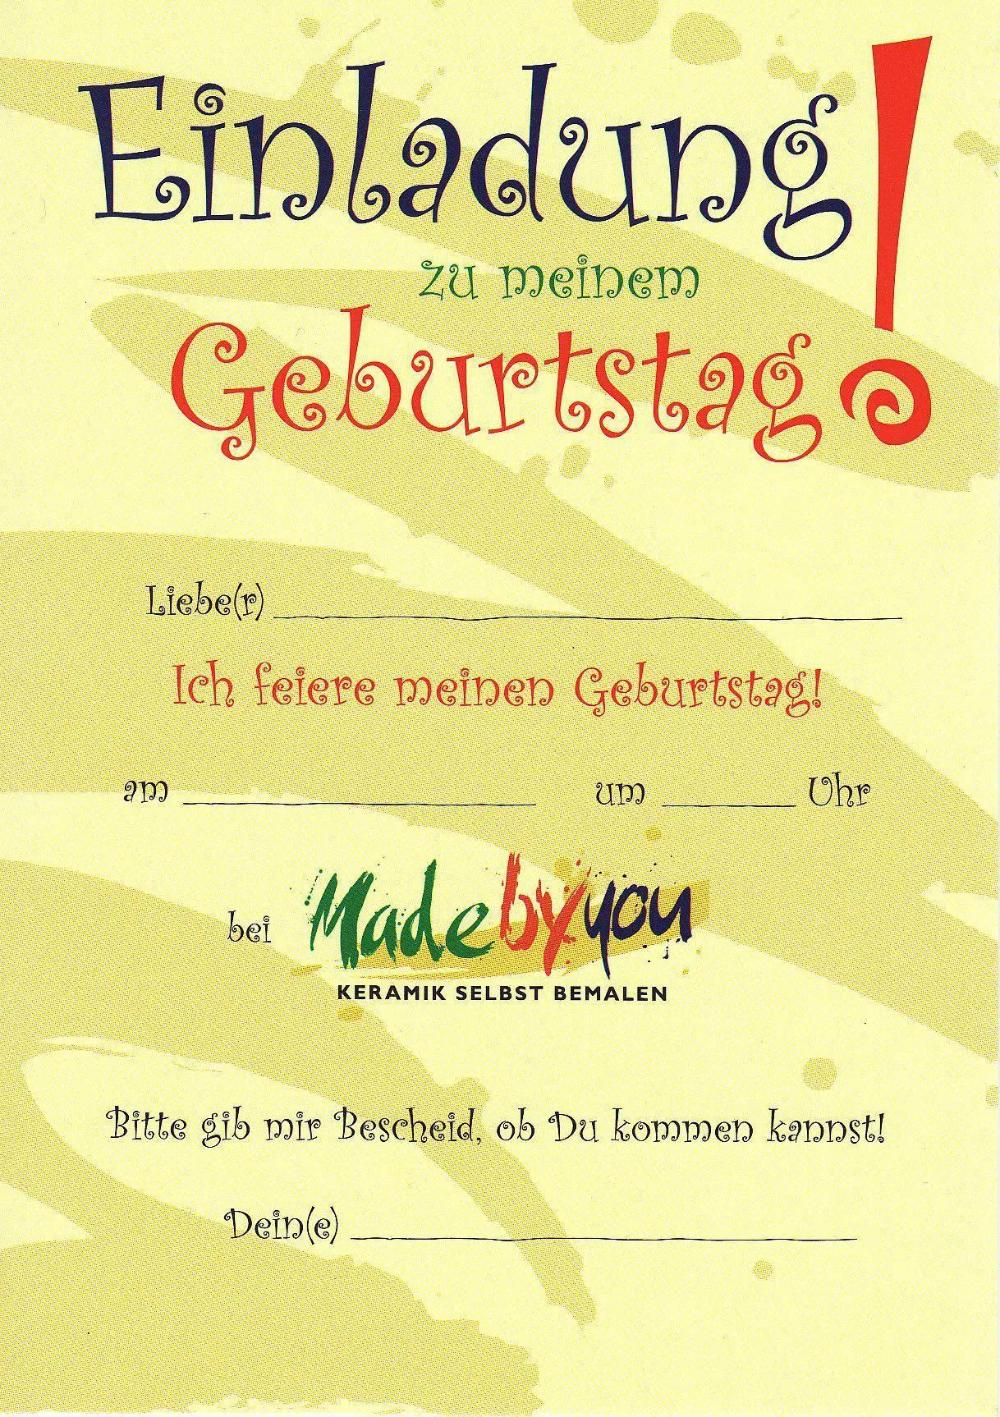 einladungskarten zum geburtstag kostenlos (dengan gambar